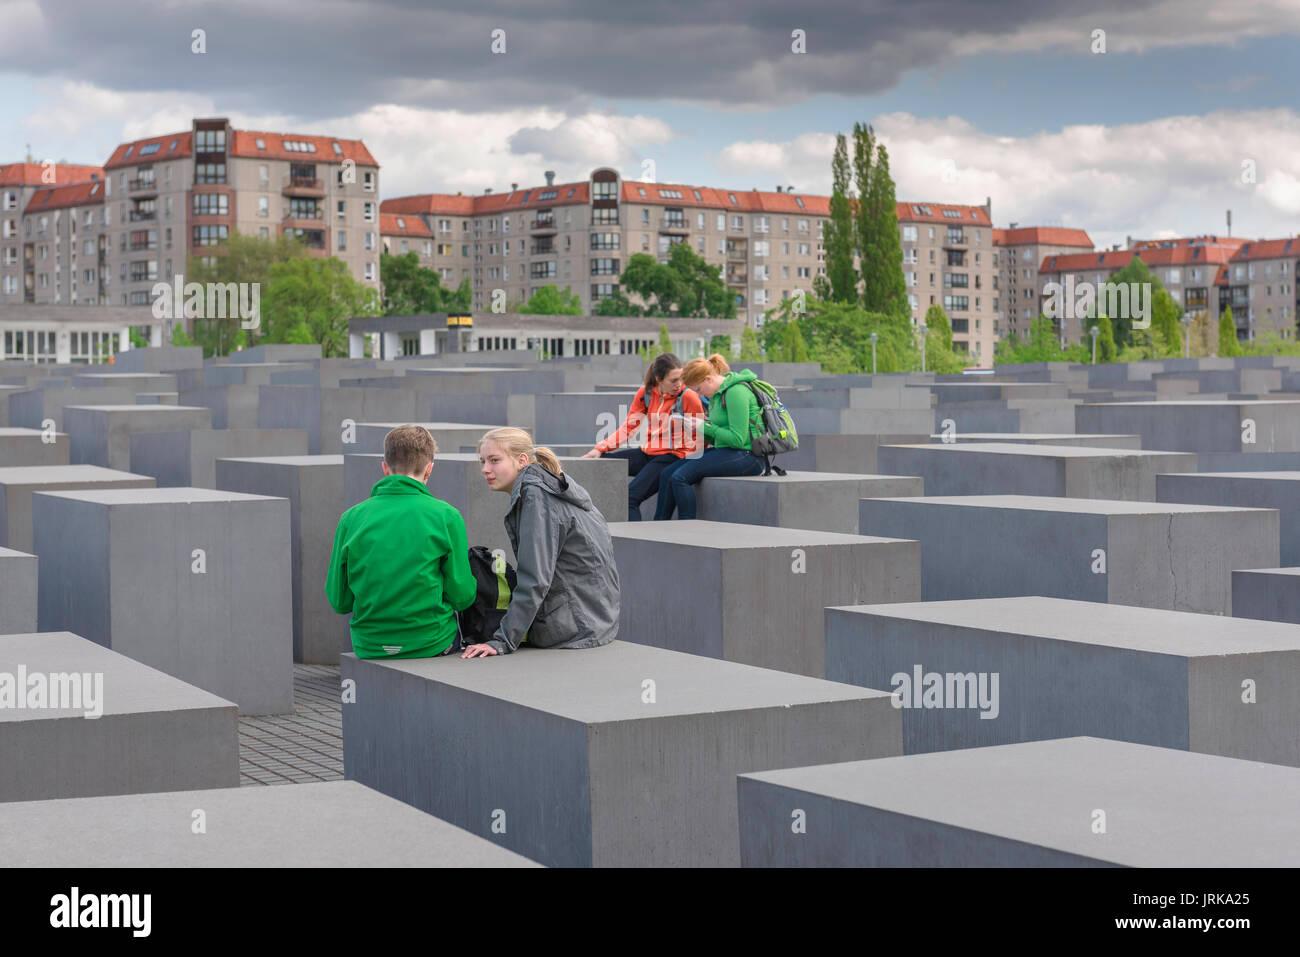 Berlin Holocaust Memorial, eine Gruppe von jungen Studenten bei einem Besuch des Holocaust-Mahnmals in Berlin, Deutschland miteinander chatten Stockbild